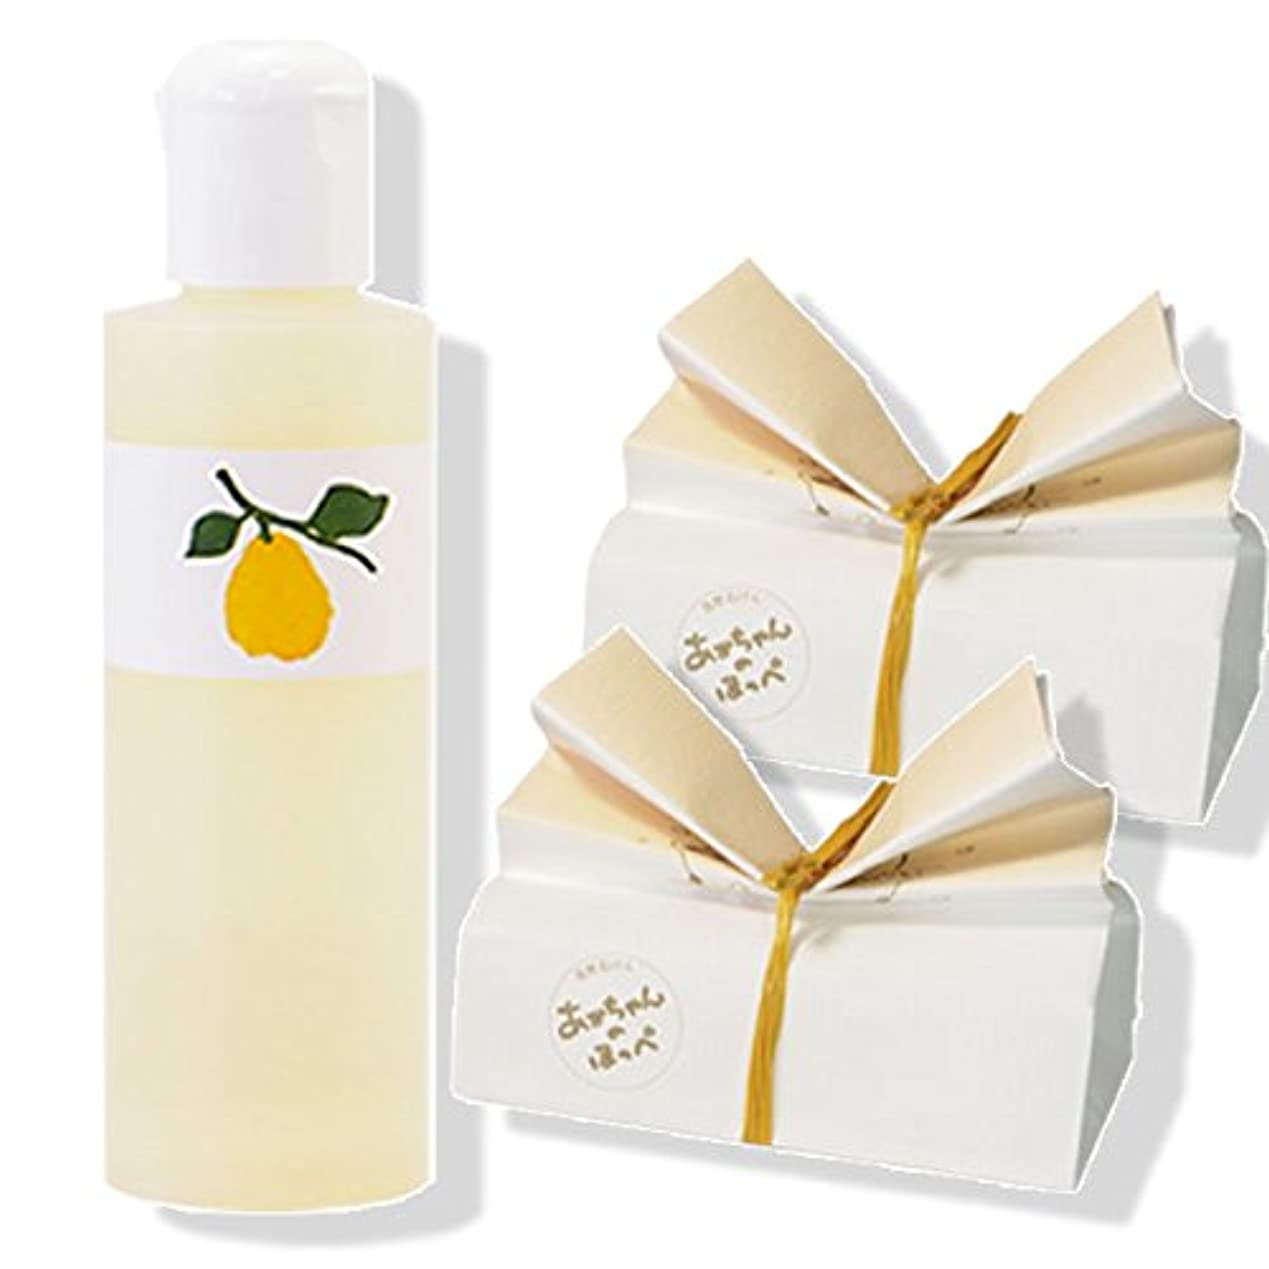 環境差別するスパン「花梨の化粧水」1本 & 「あかちゃんのほっぺ」石鹸 2個セット